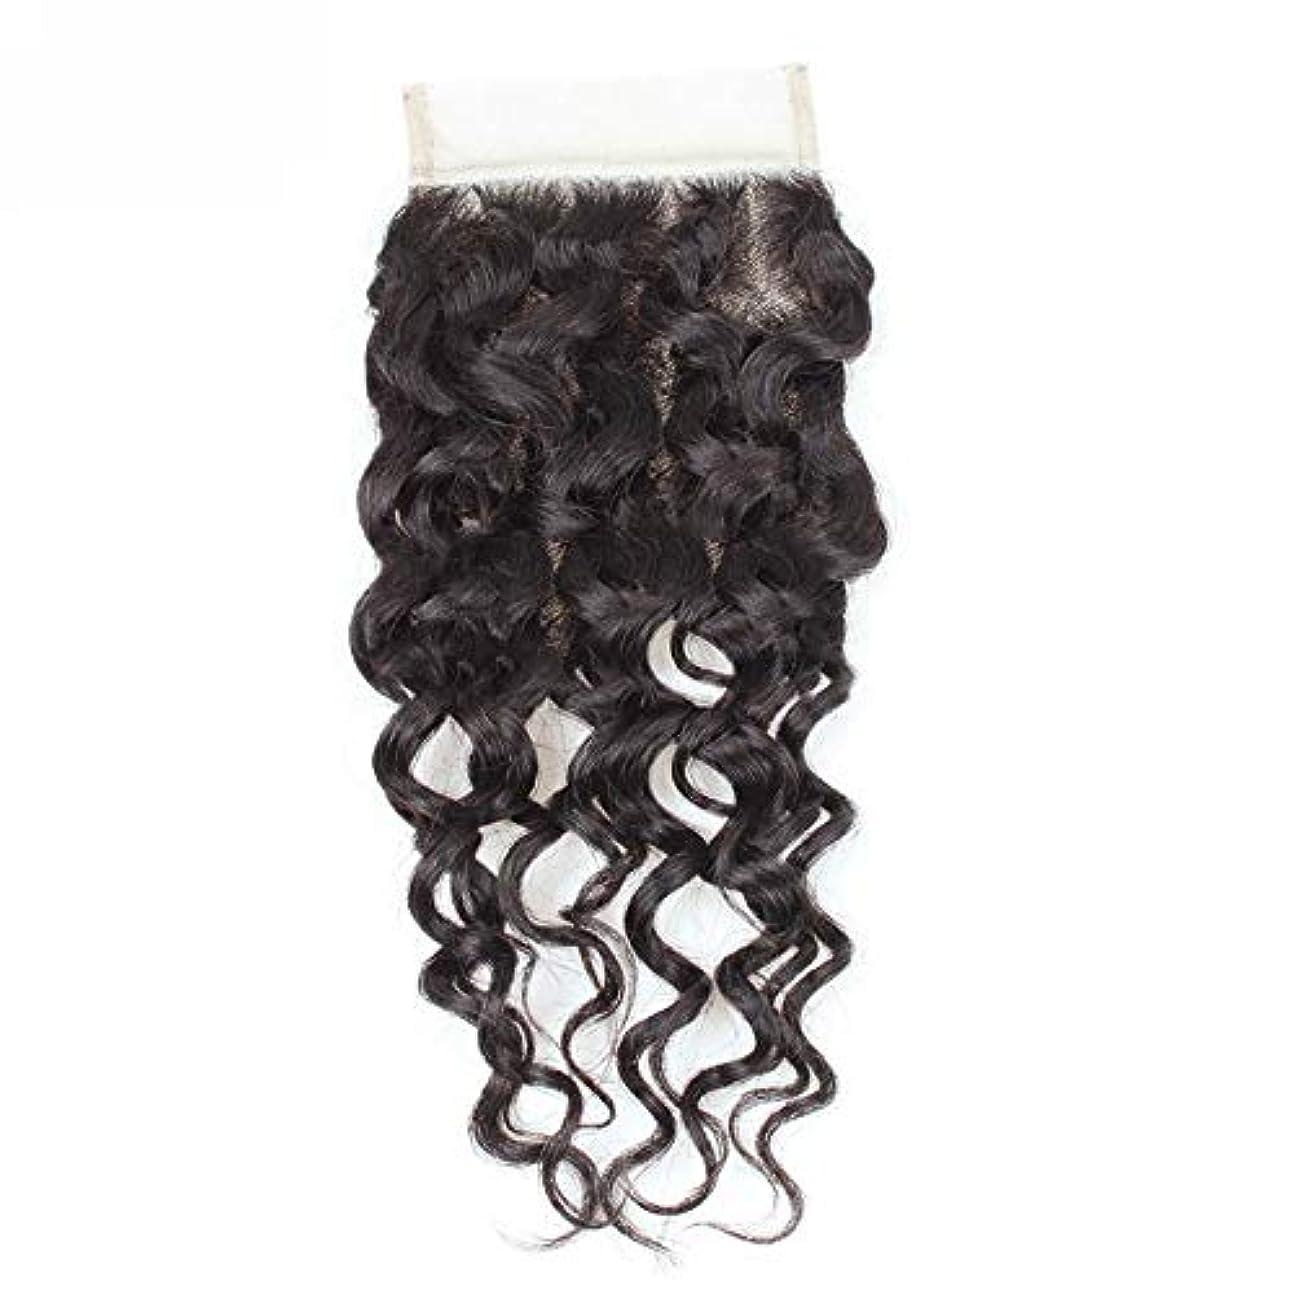 海岸駐地代数WASAIO 閉鎖ボディグレード未精製ヴァージン髪を持つブラジルのウォーターウェーブレース人間ウィーブ (色 : 黒, サイズ : 12 inch)